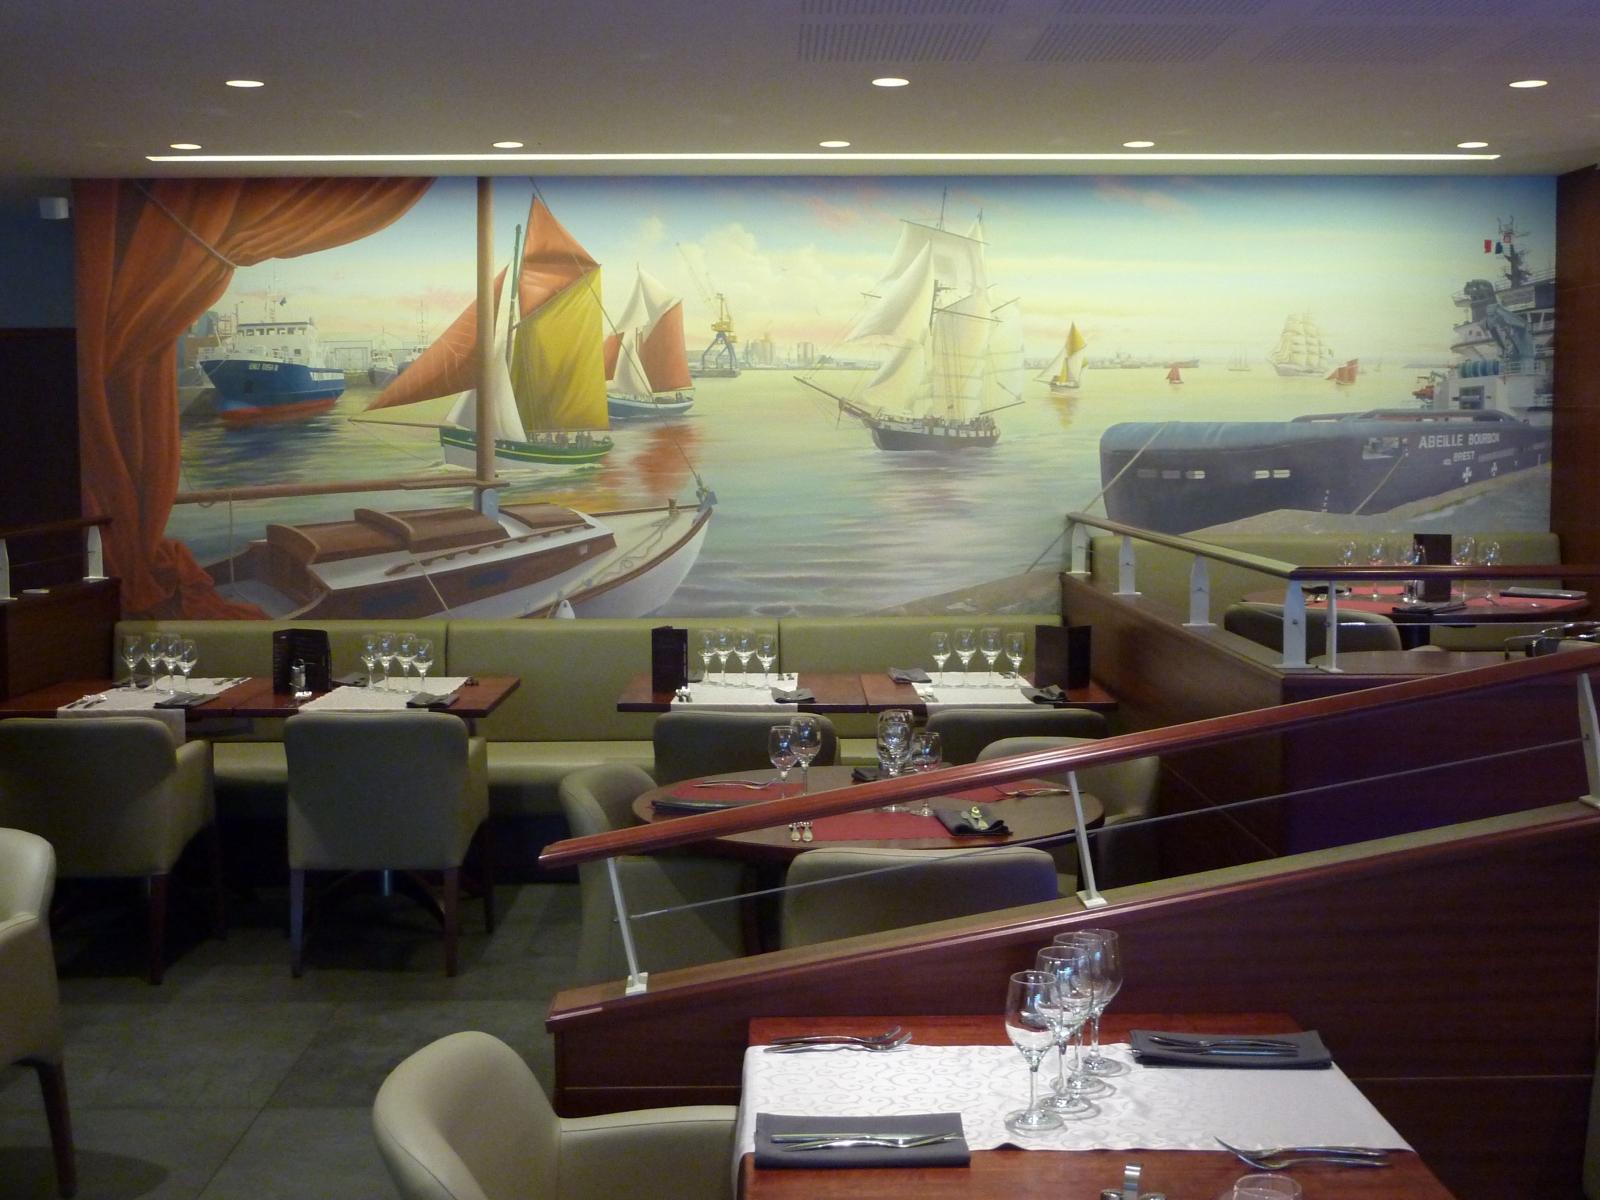 Décor Restaurant Aux vieux Grééments BREST- fresque en trompe l'oeil.